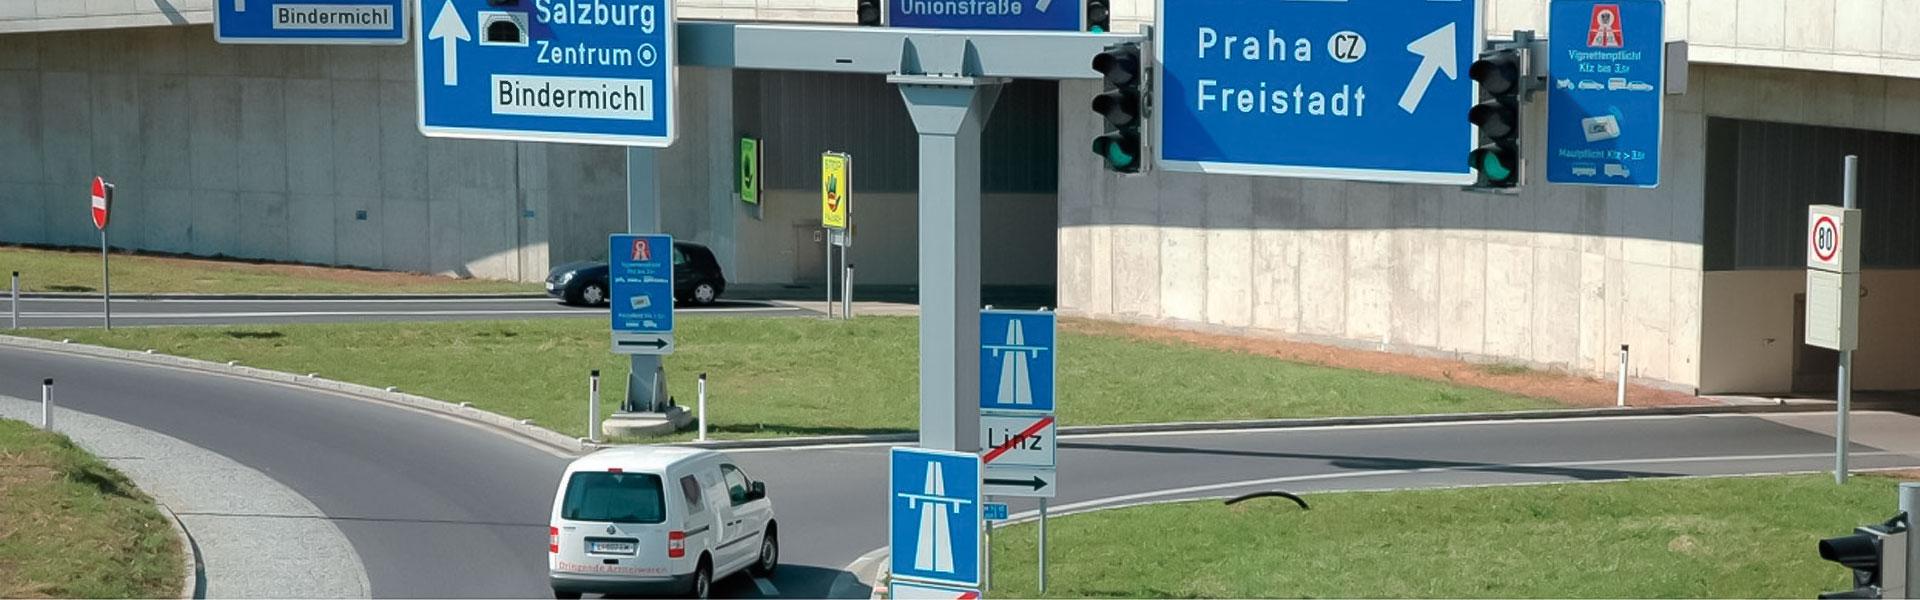 1-ipo-gmbh-verkehrsplanung-Nahverkehrsplanung,-Radverkehrsplanung,-Parkraumkonzepte,-Umgehungsstraßen,-Verkehrsberuhigungsmaßnahmen,